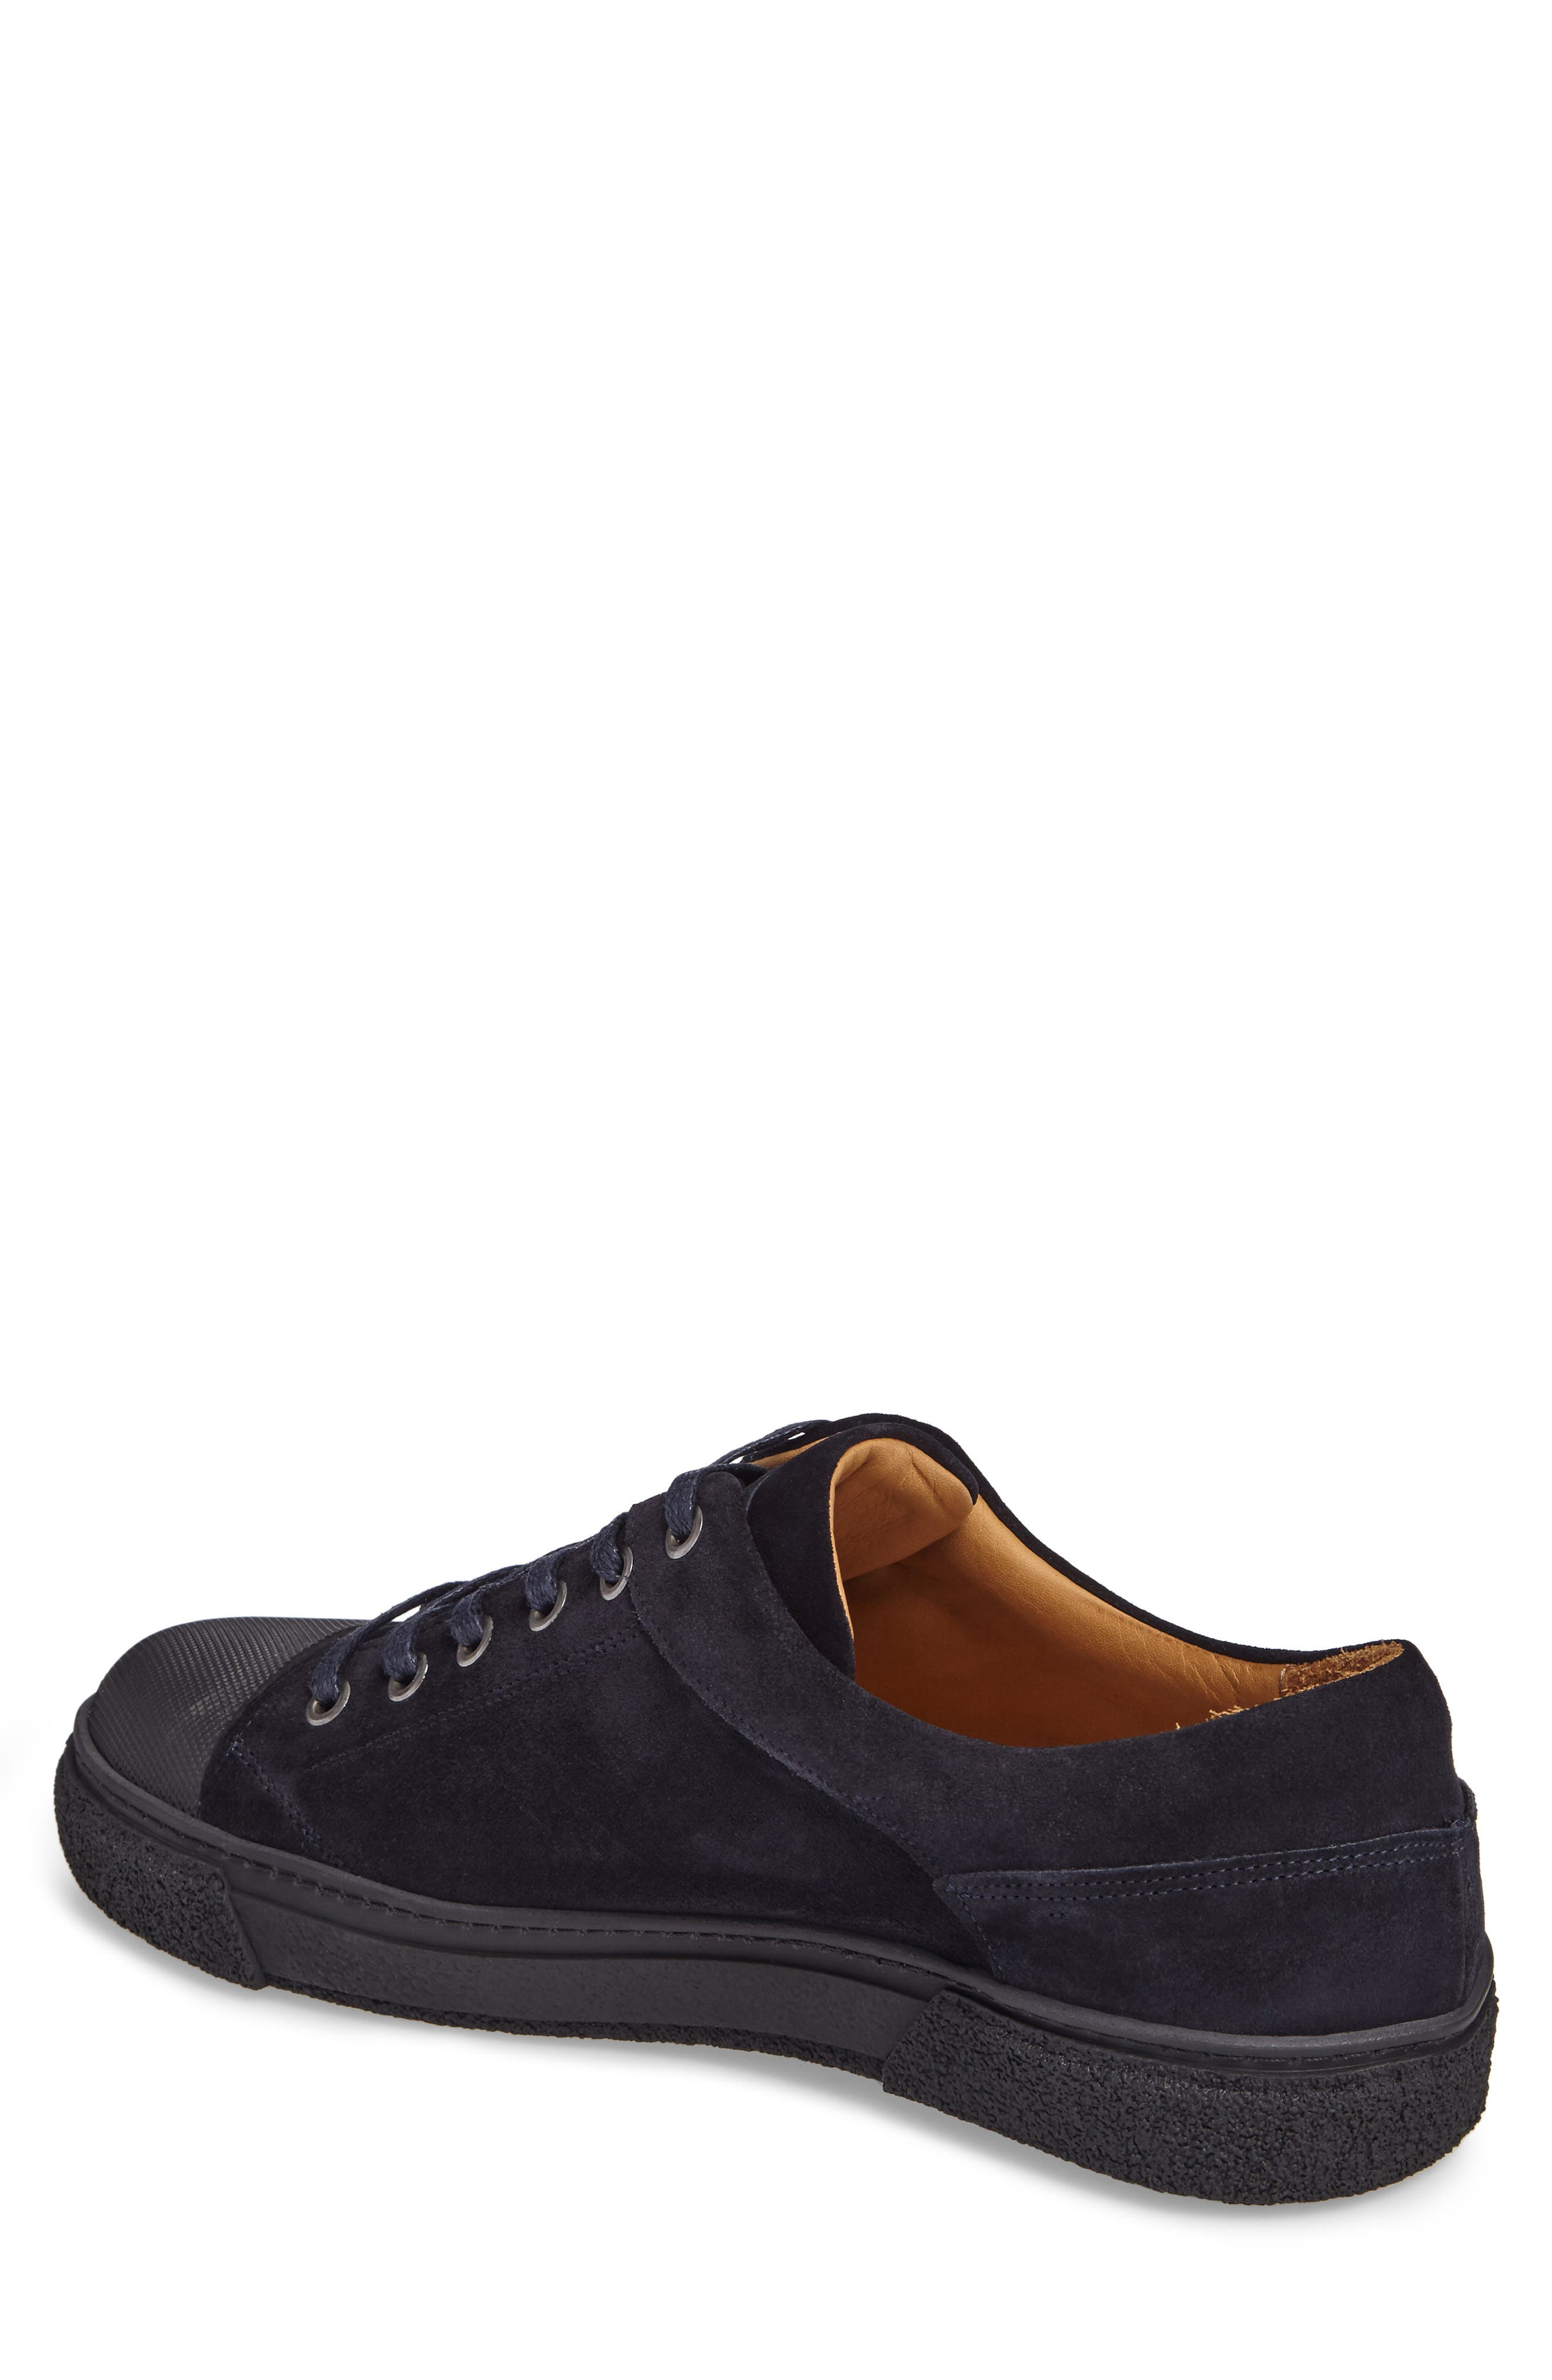 Wallsem Sneaker,                             Alternate thumbnail 4, color,